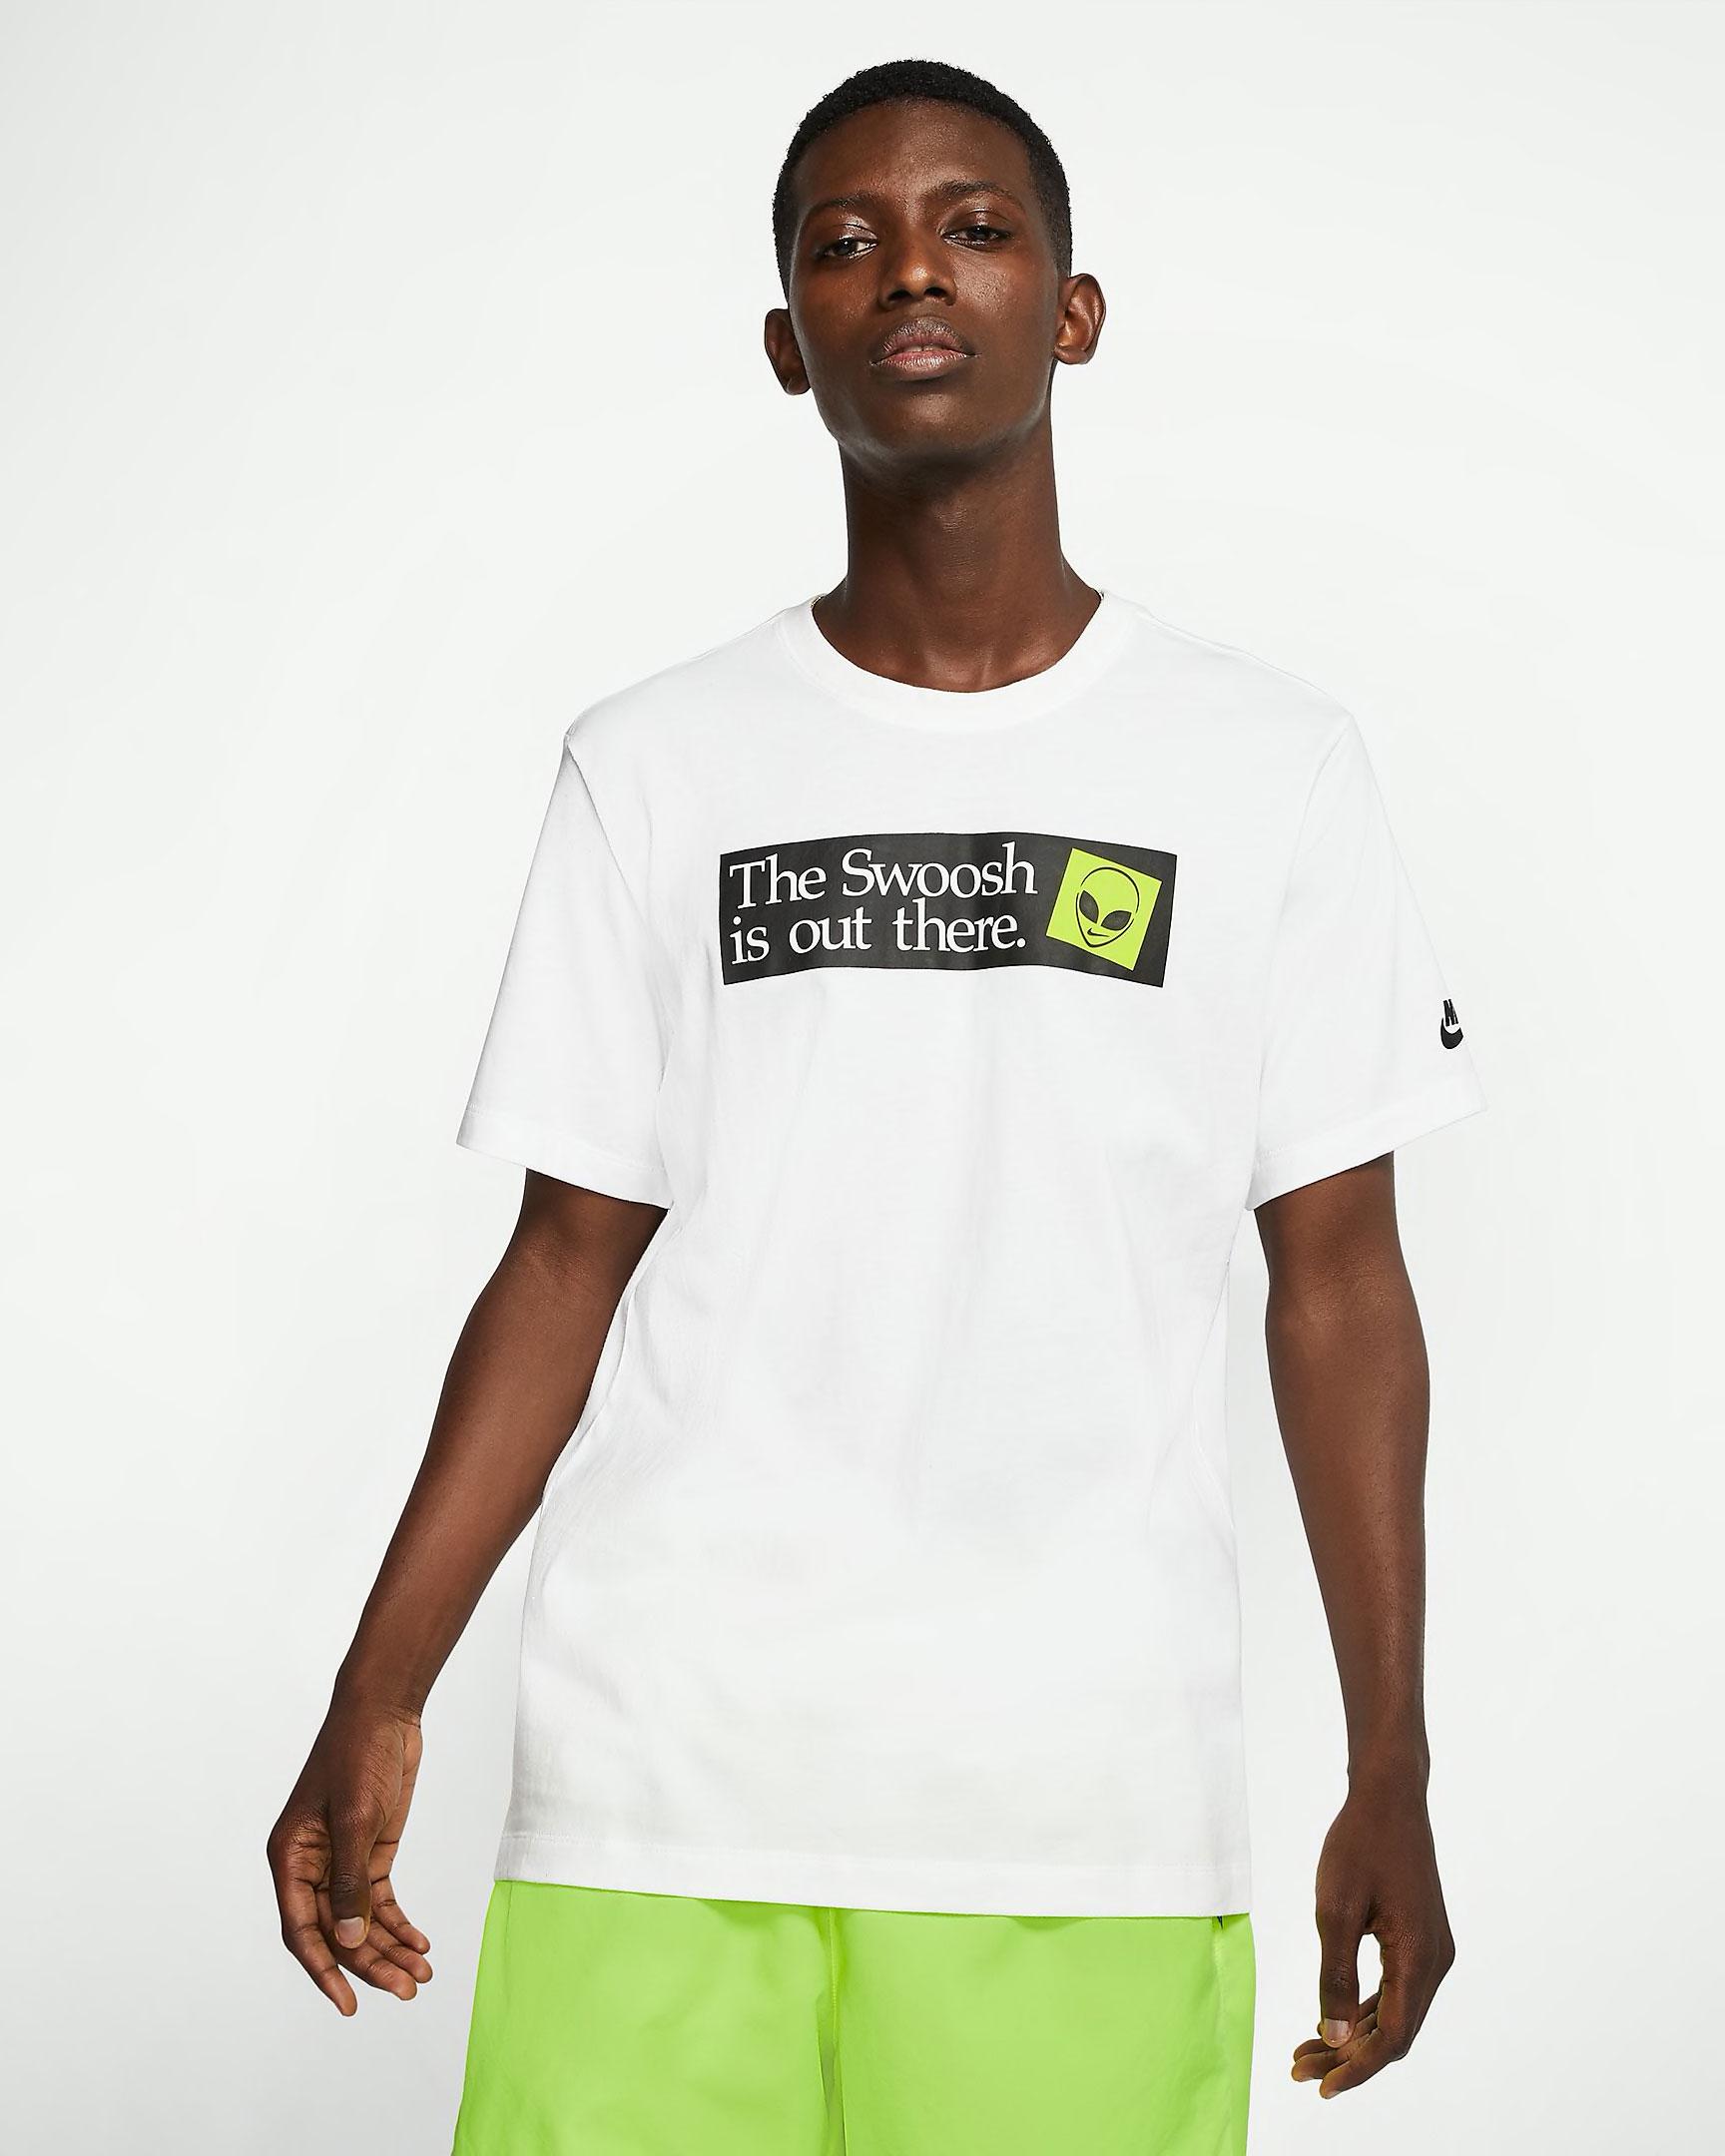 nike-air-max-95-alien-shirt-2